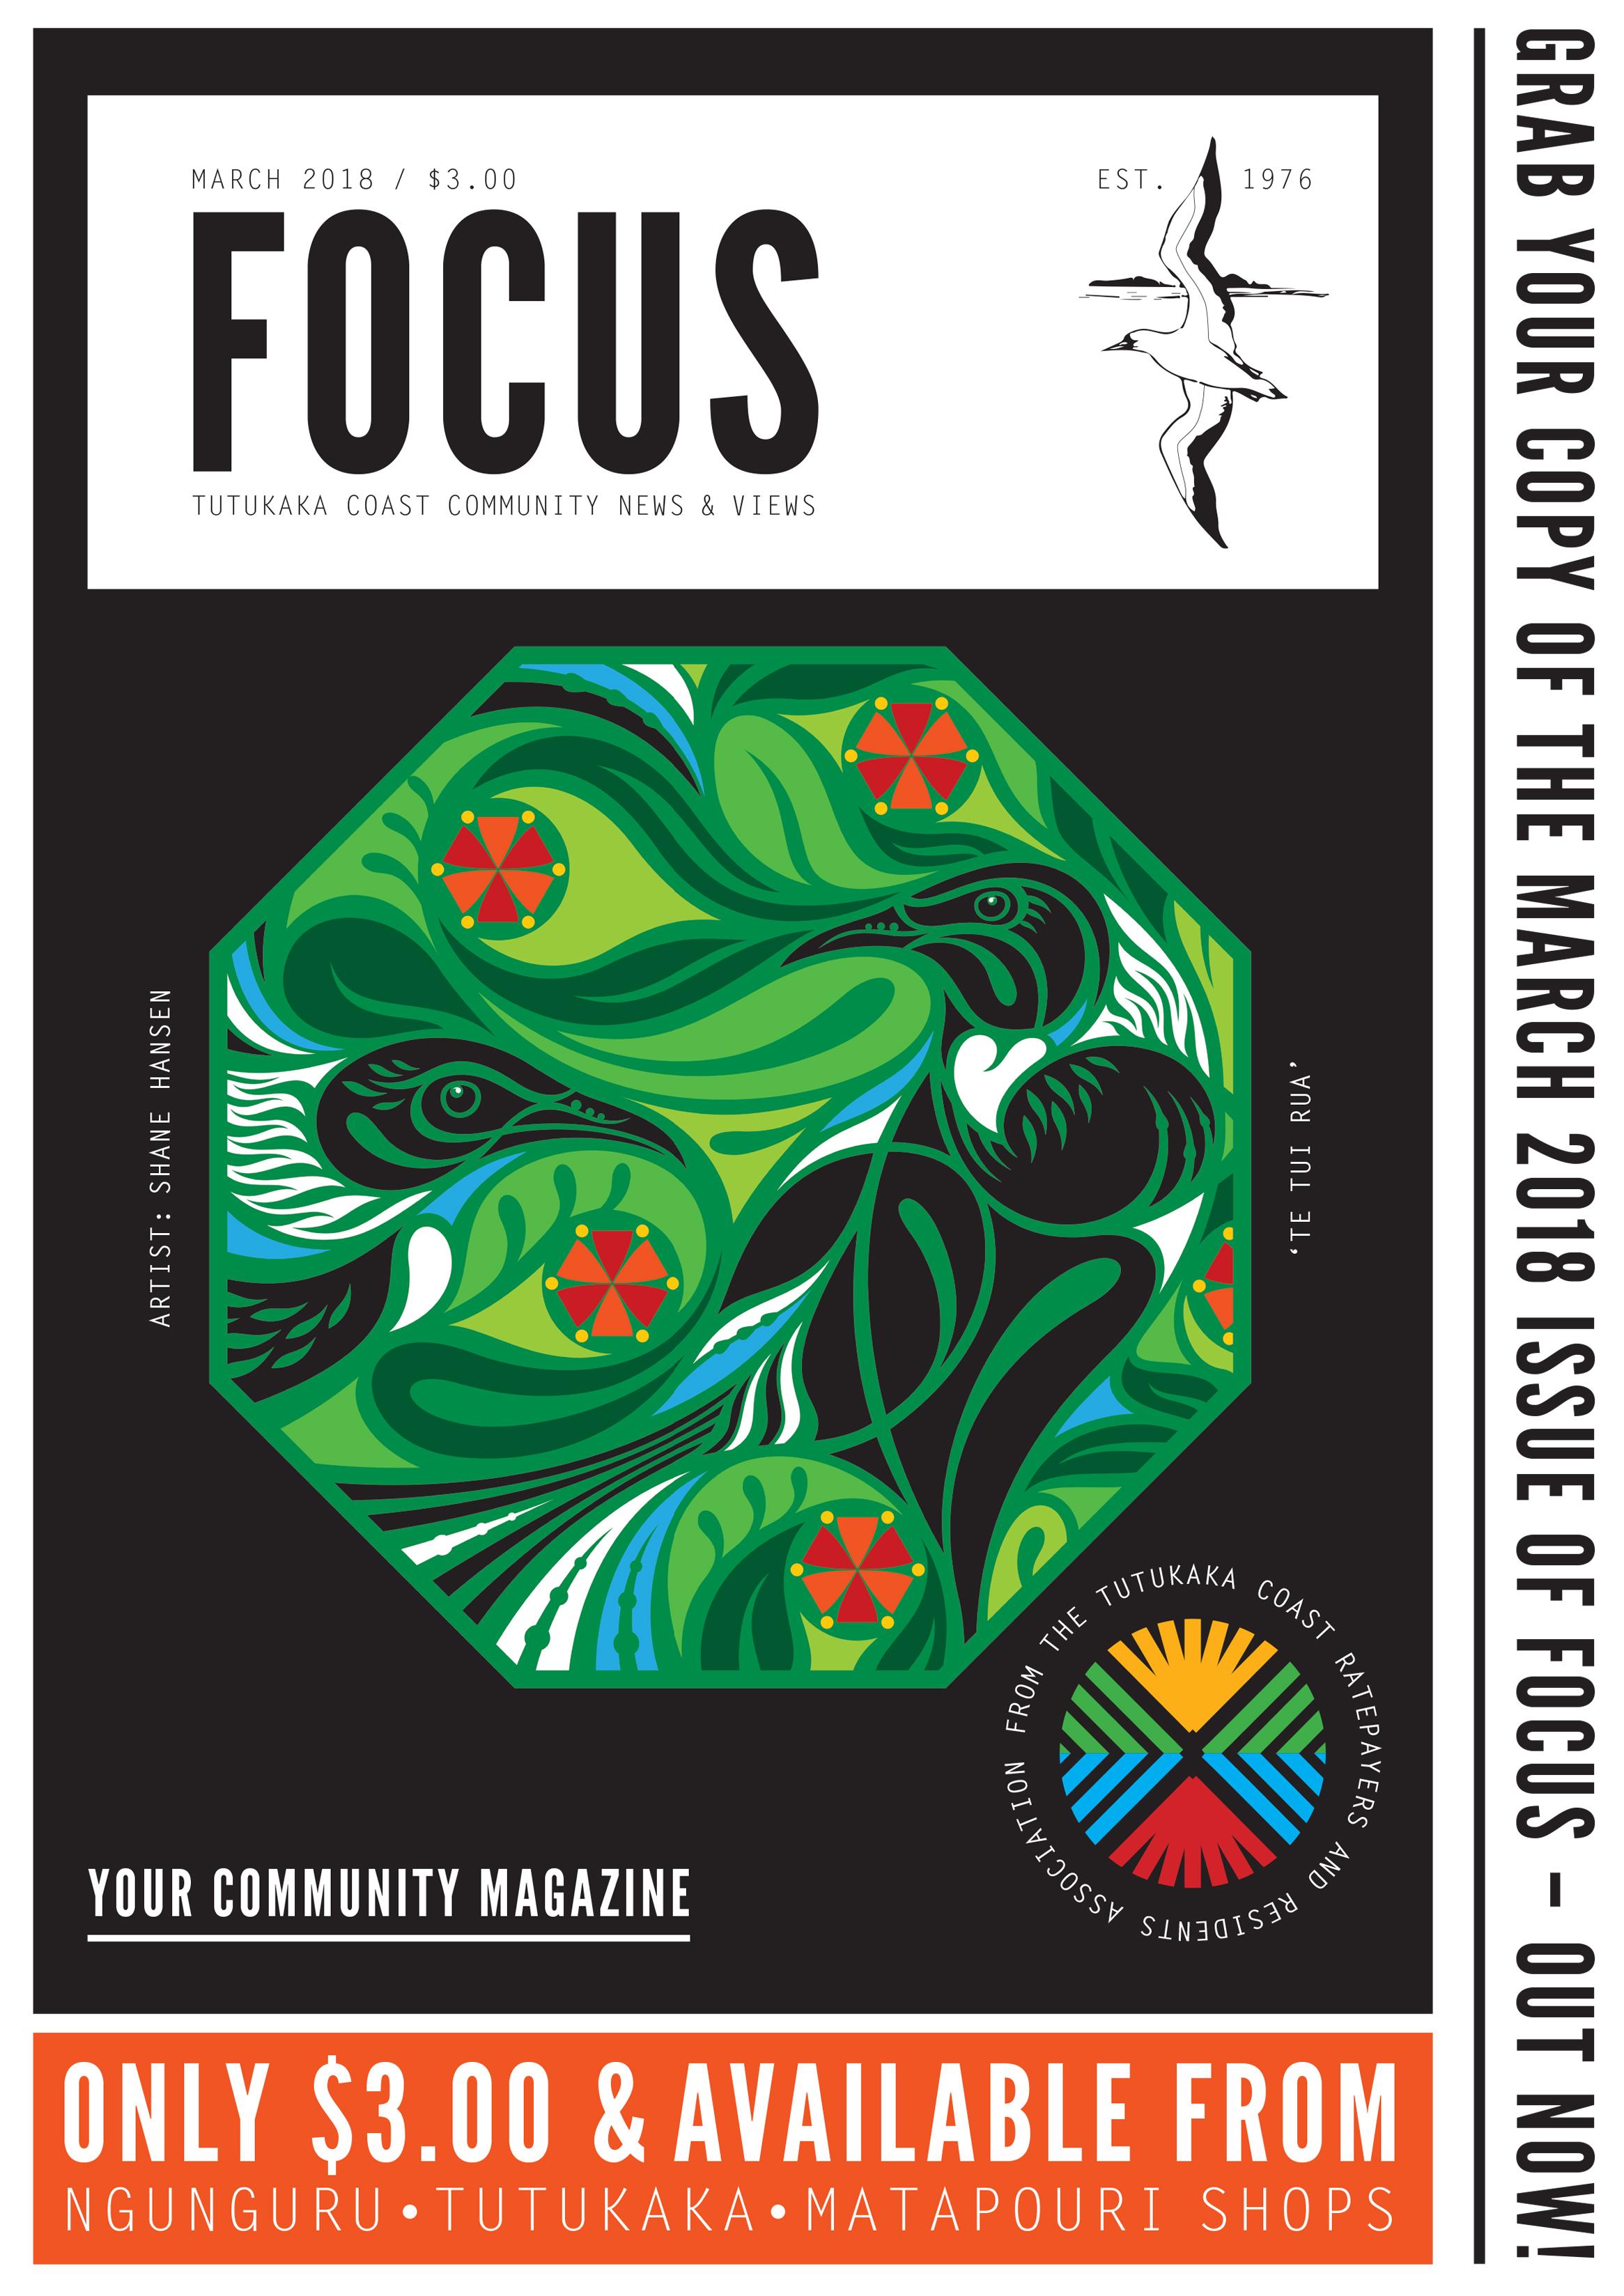 FOCUS-Poster-A3-2.jpg